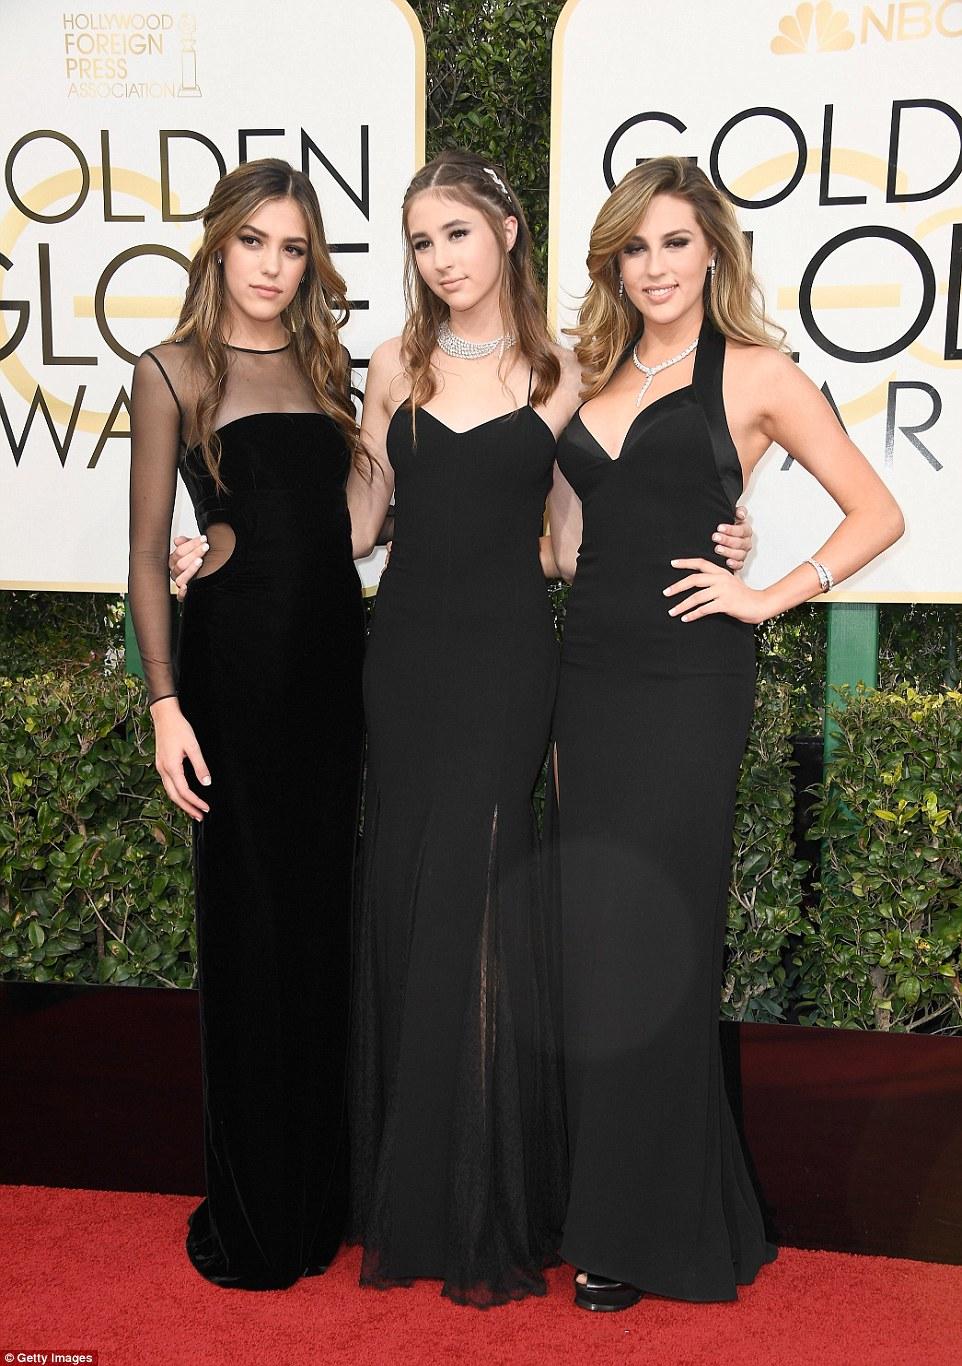 Senhoras principais de Sly!  Miss Golden Globes Sistine, Scarlet e Sophia Stallone mantê-lo clássico em preto como eles levam carpete vermelho chegadas para o Golden Globe Awards